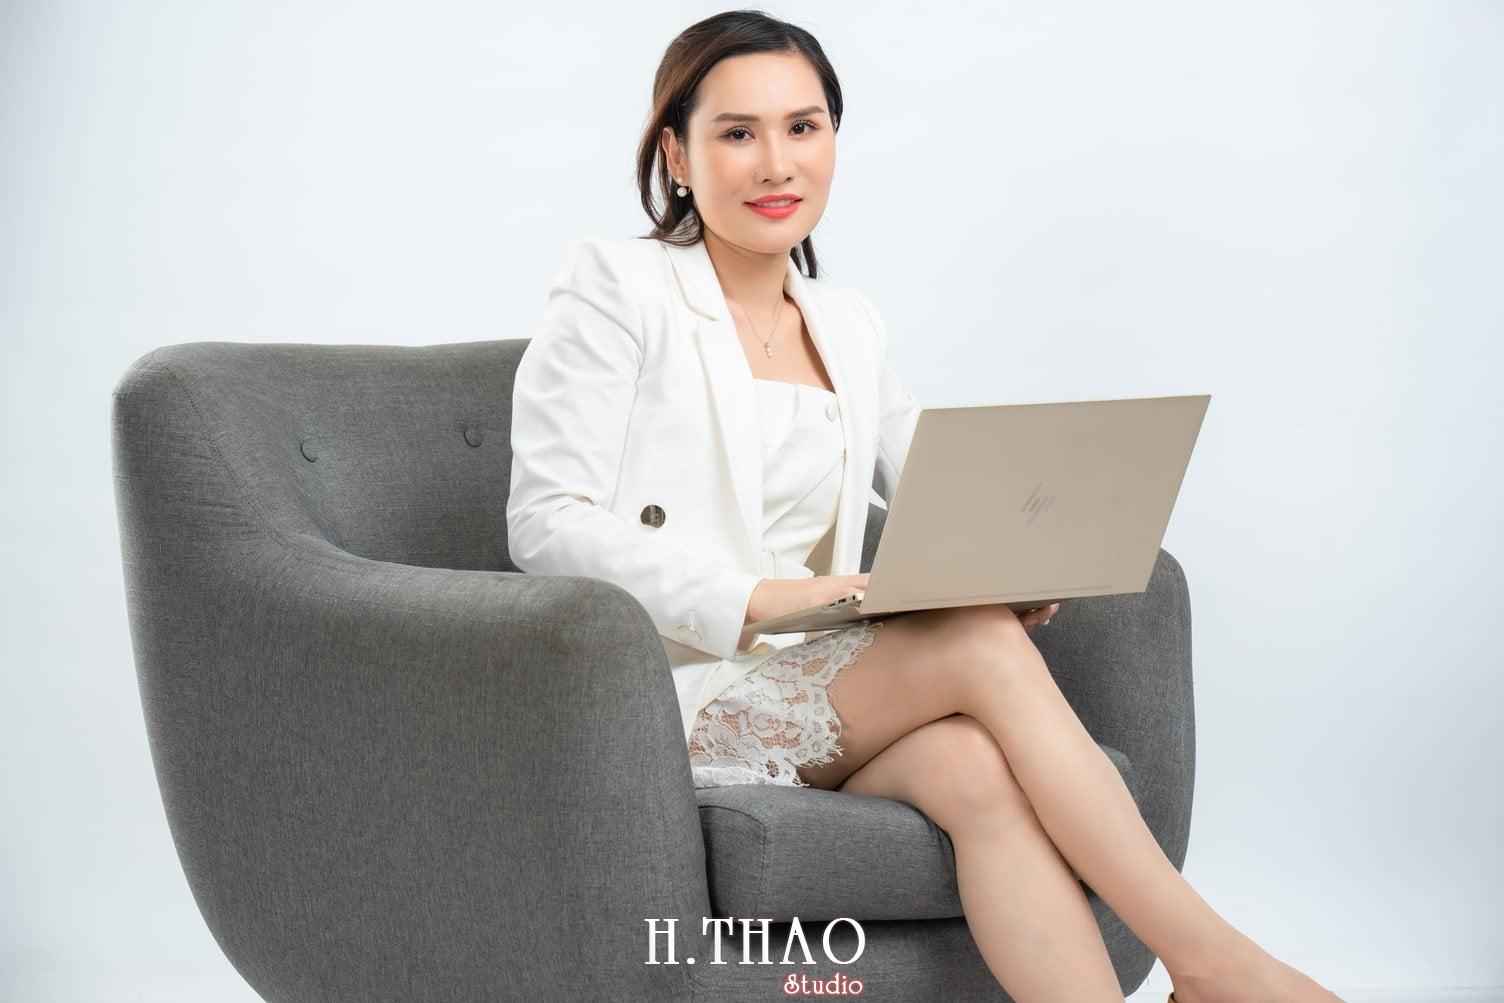 Doanh nhan nu 14 - Ảnh nữ doanh nhân bất động sản, phó TGĐ Express Ms.Nho – HThao Studio